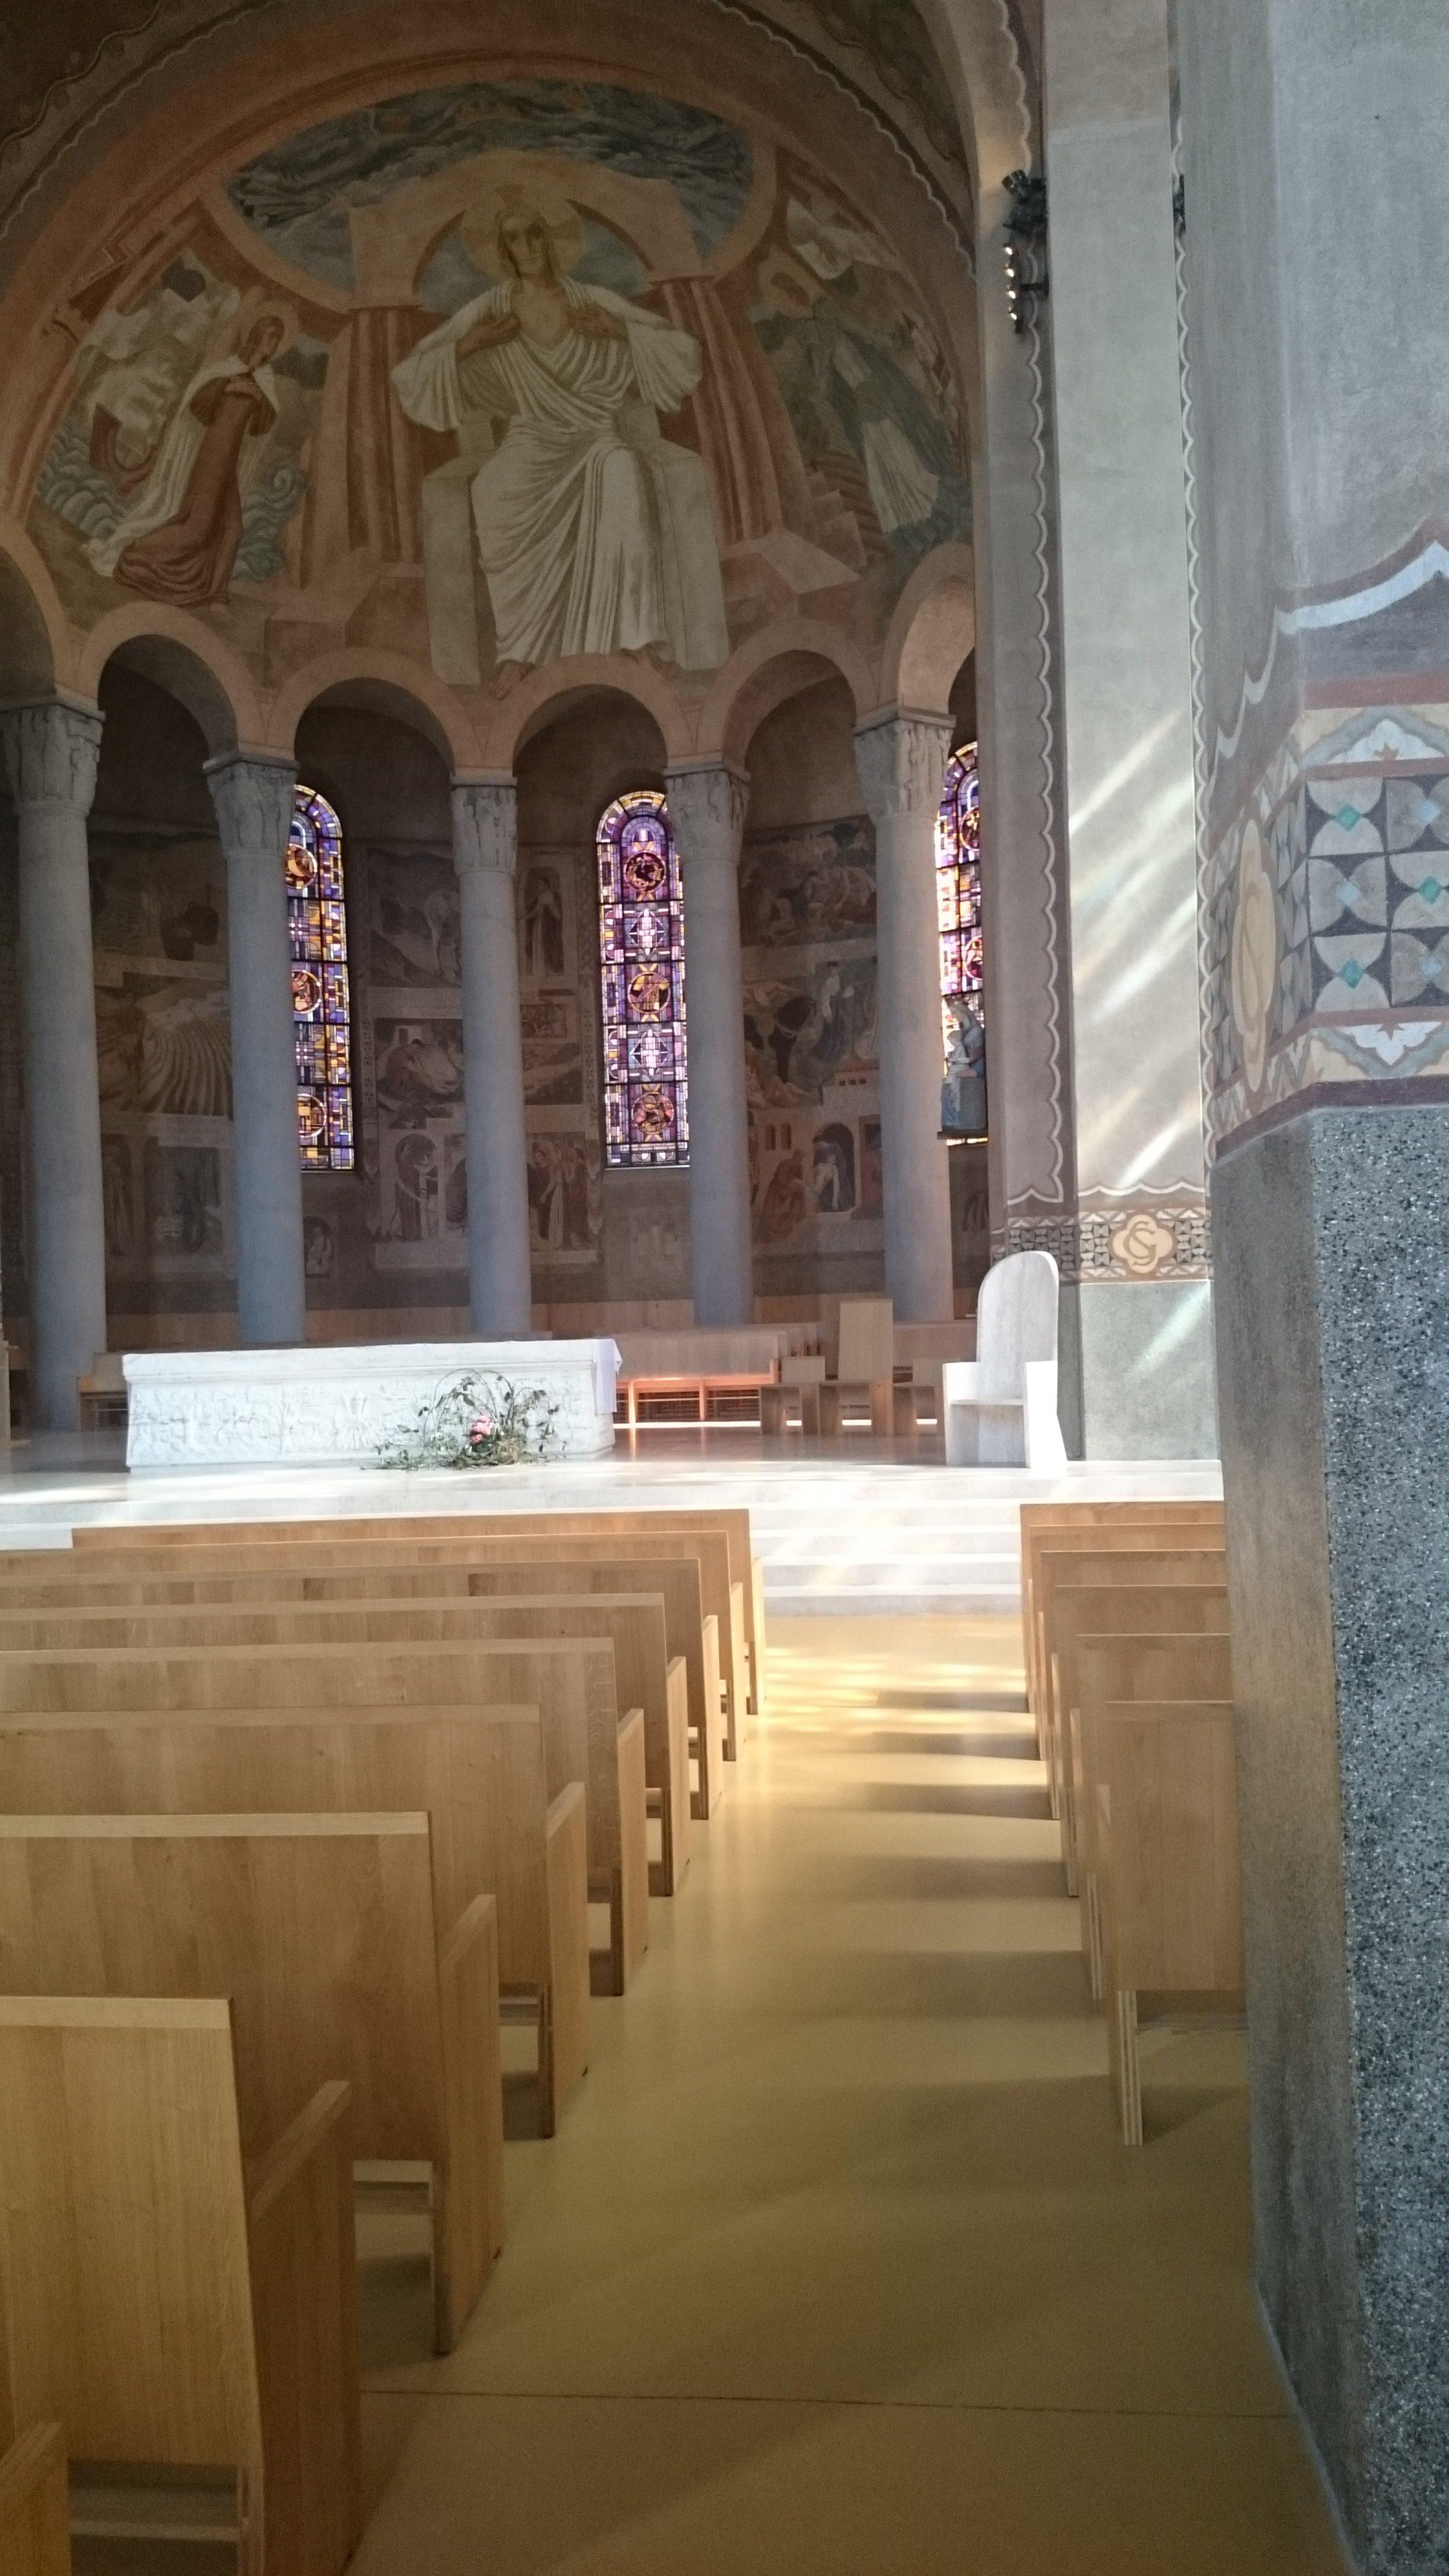 Intérieur de la cathédrale de Nanterre